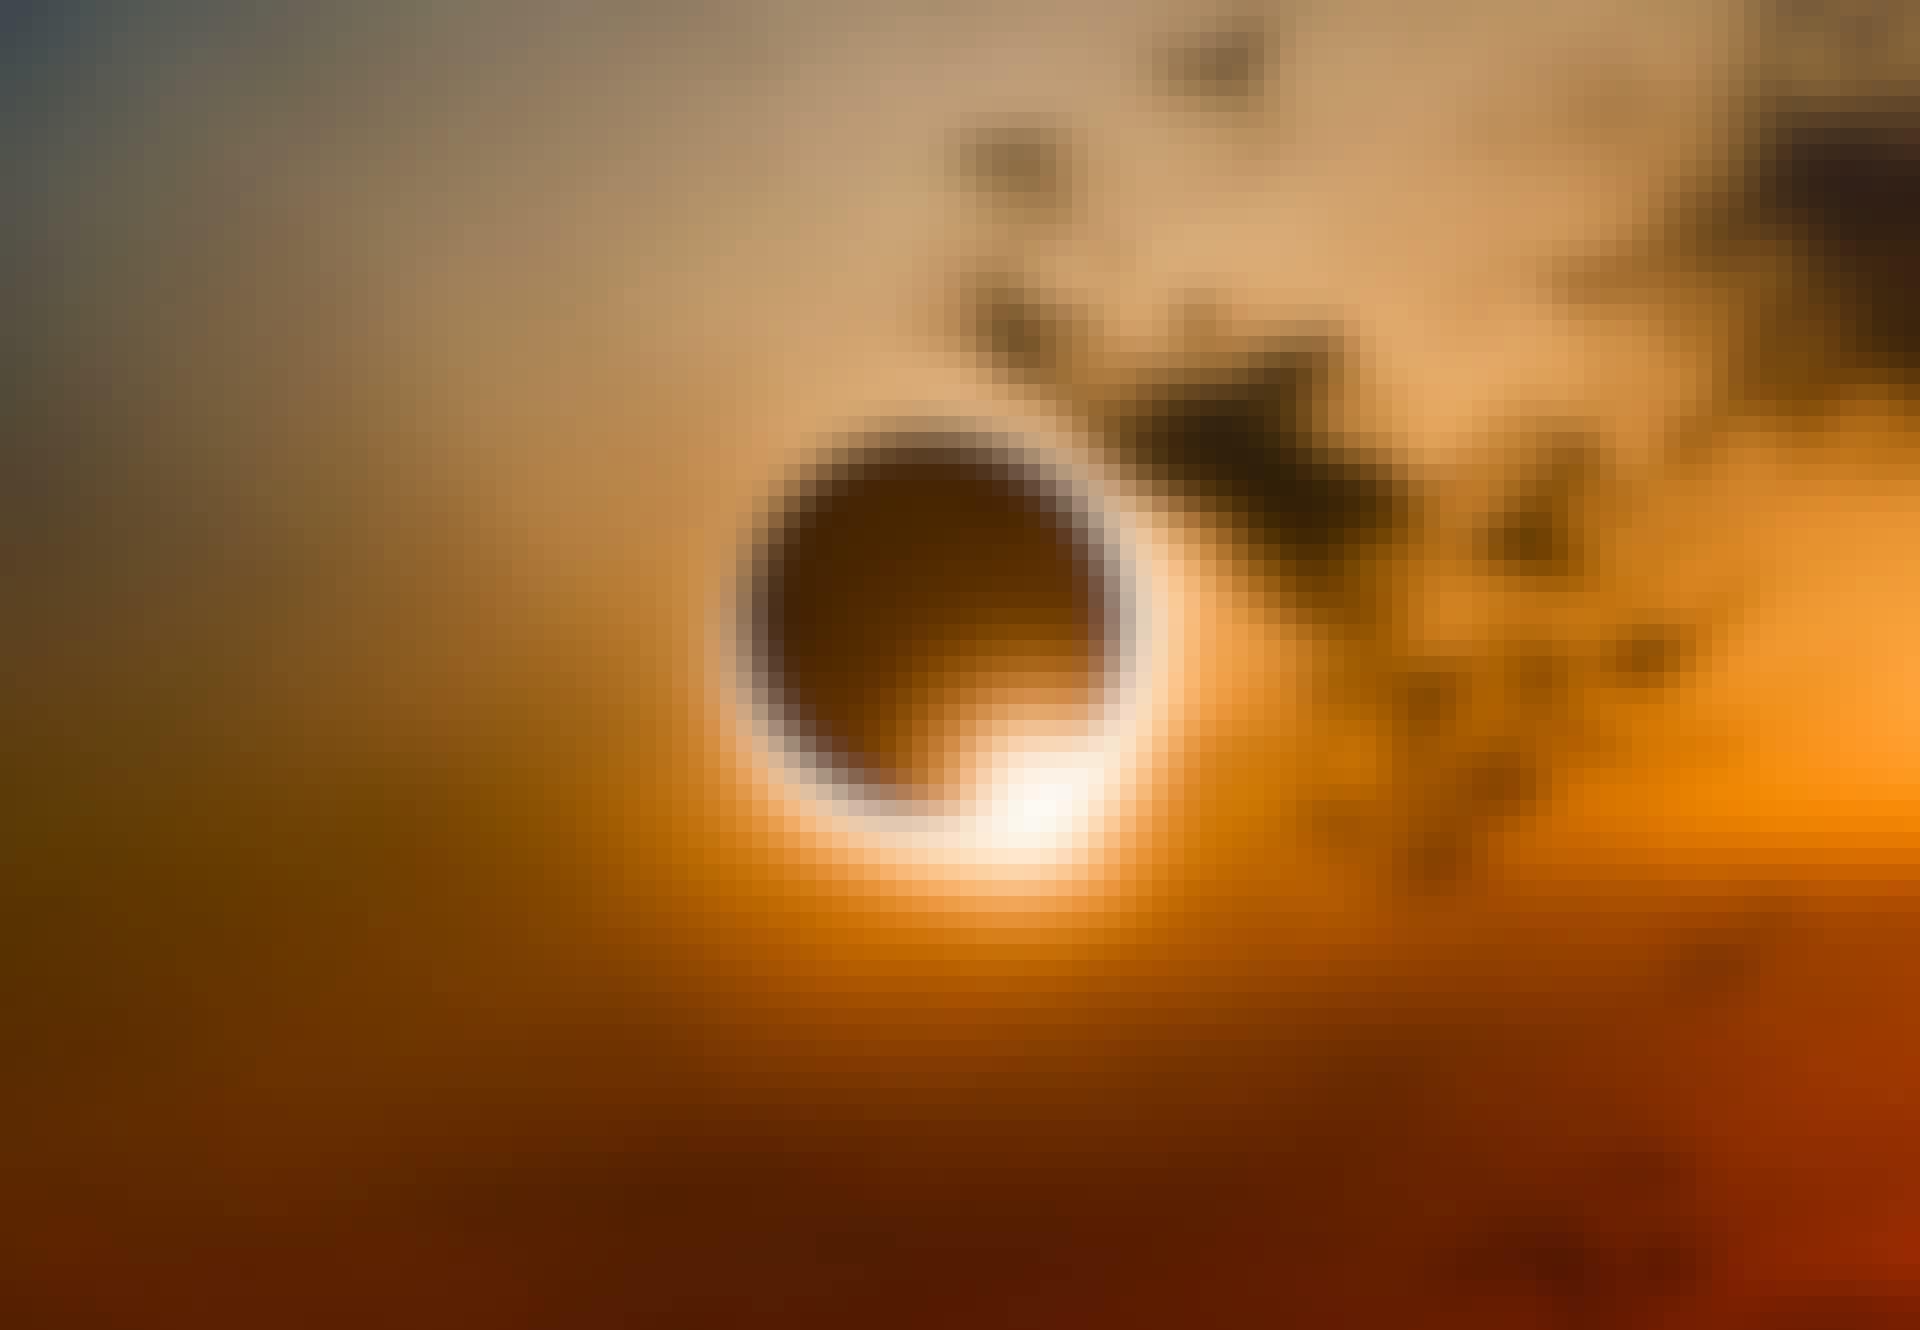 Solformørkelse på himlen